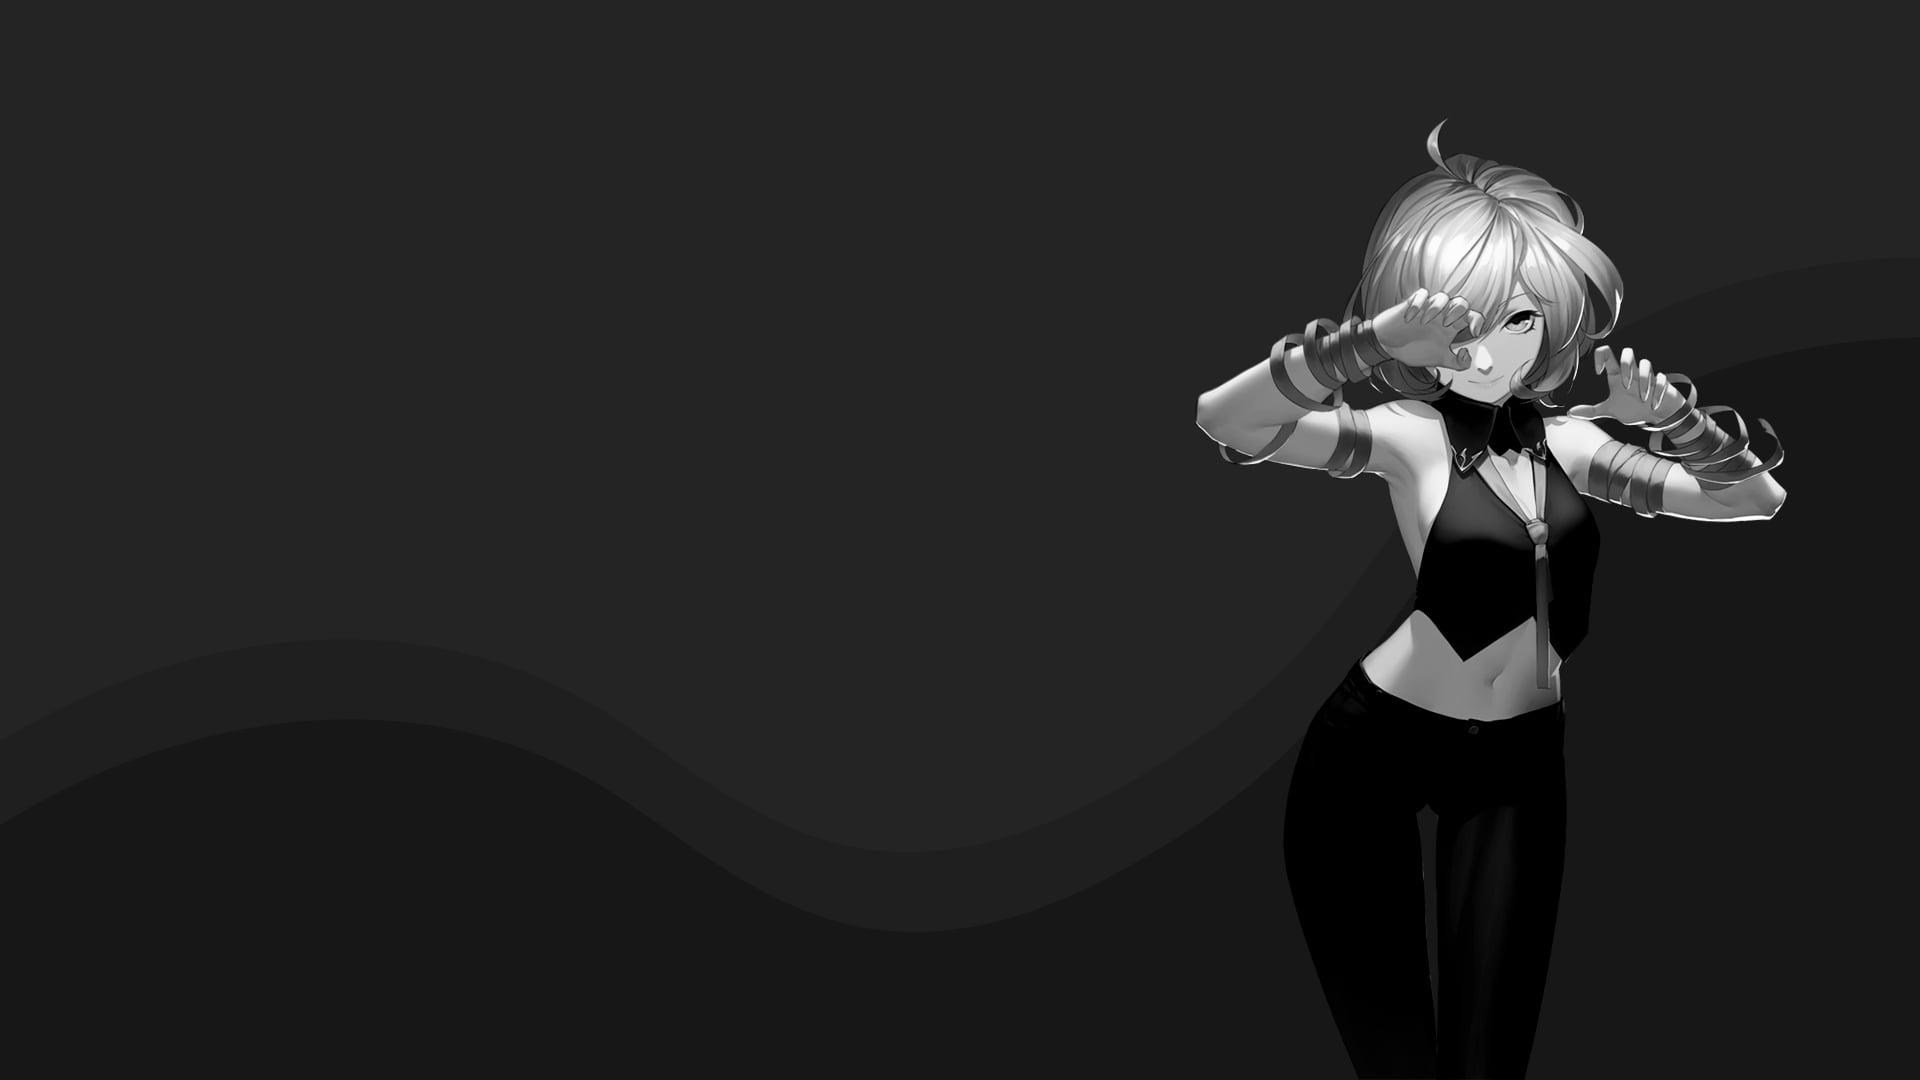 Hình nền anime đen trắng cô gái xinh đẹp